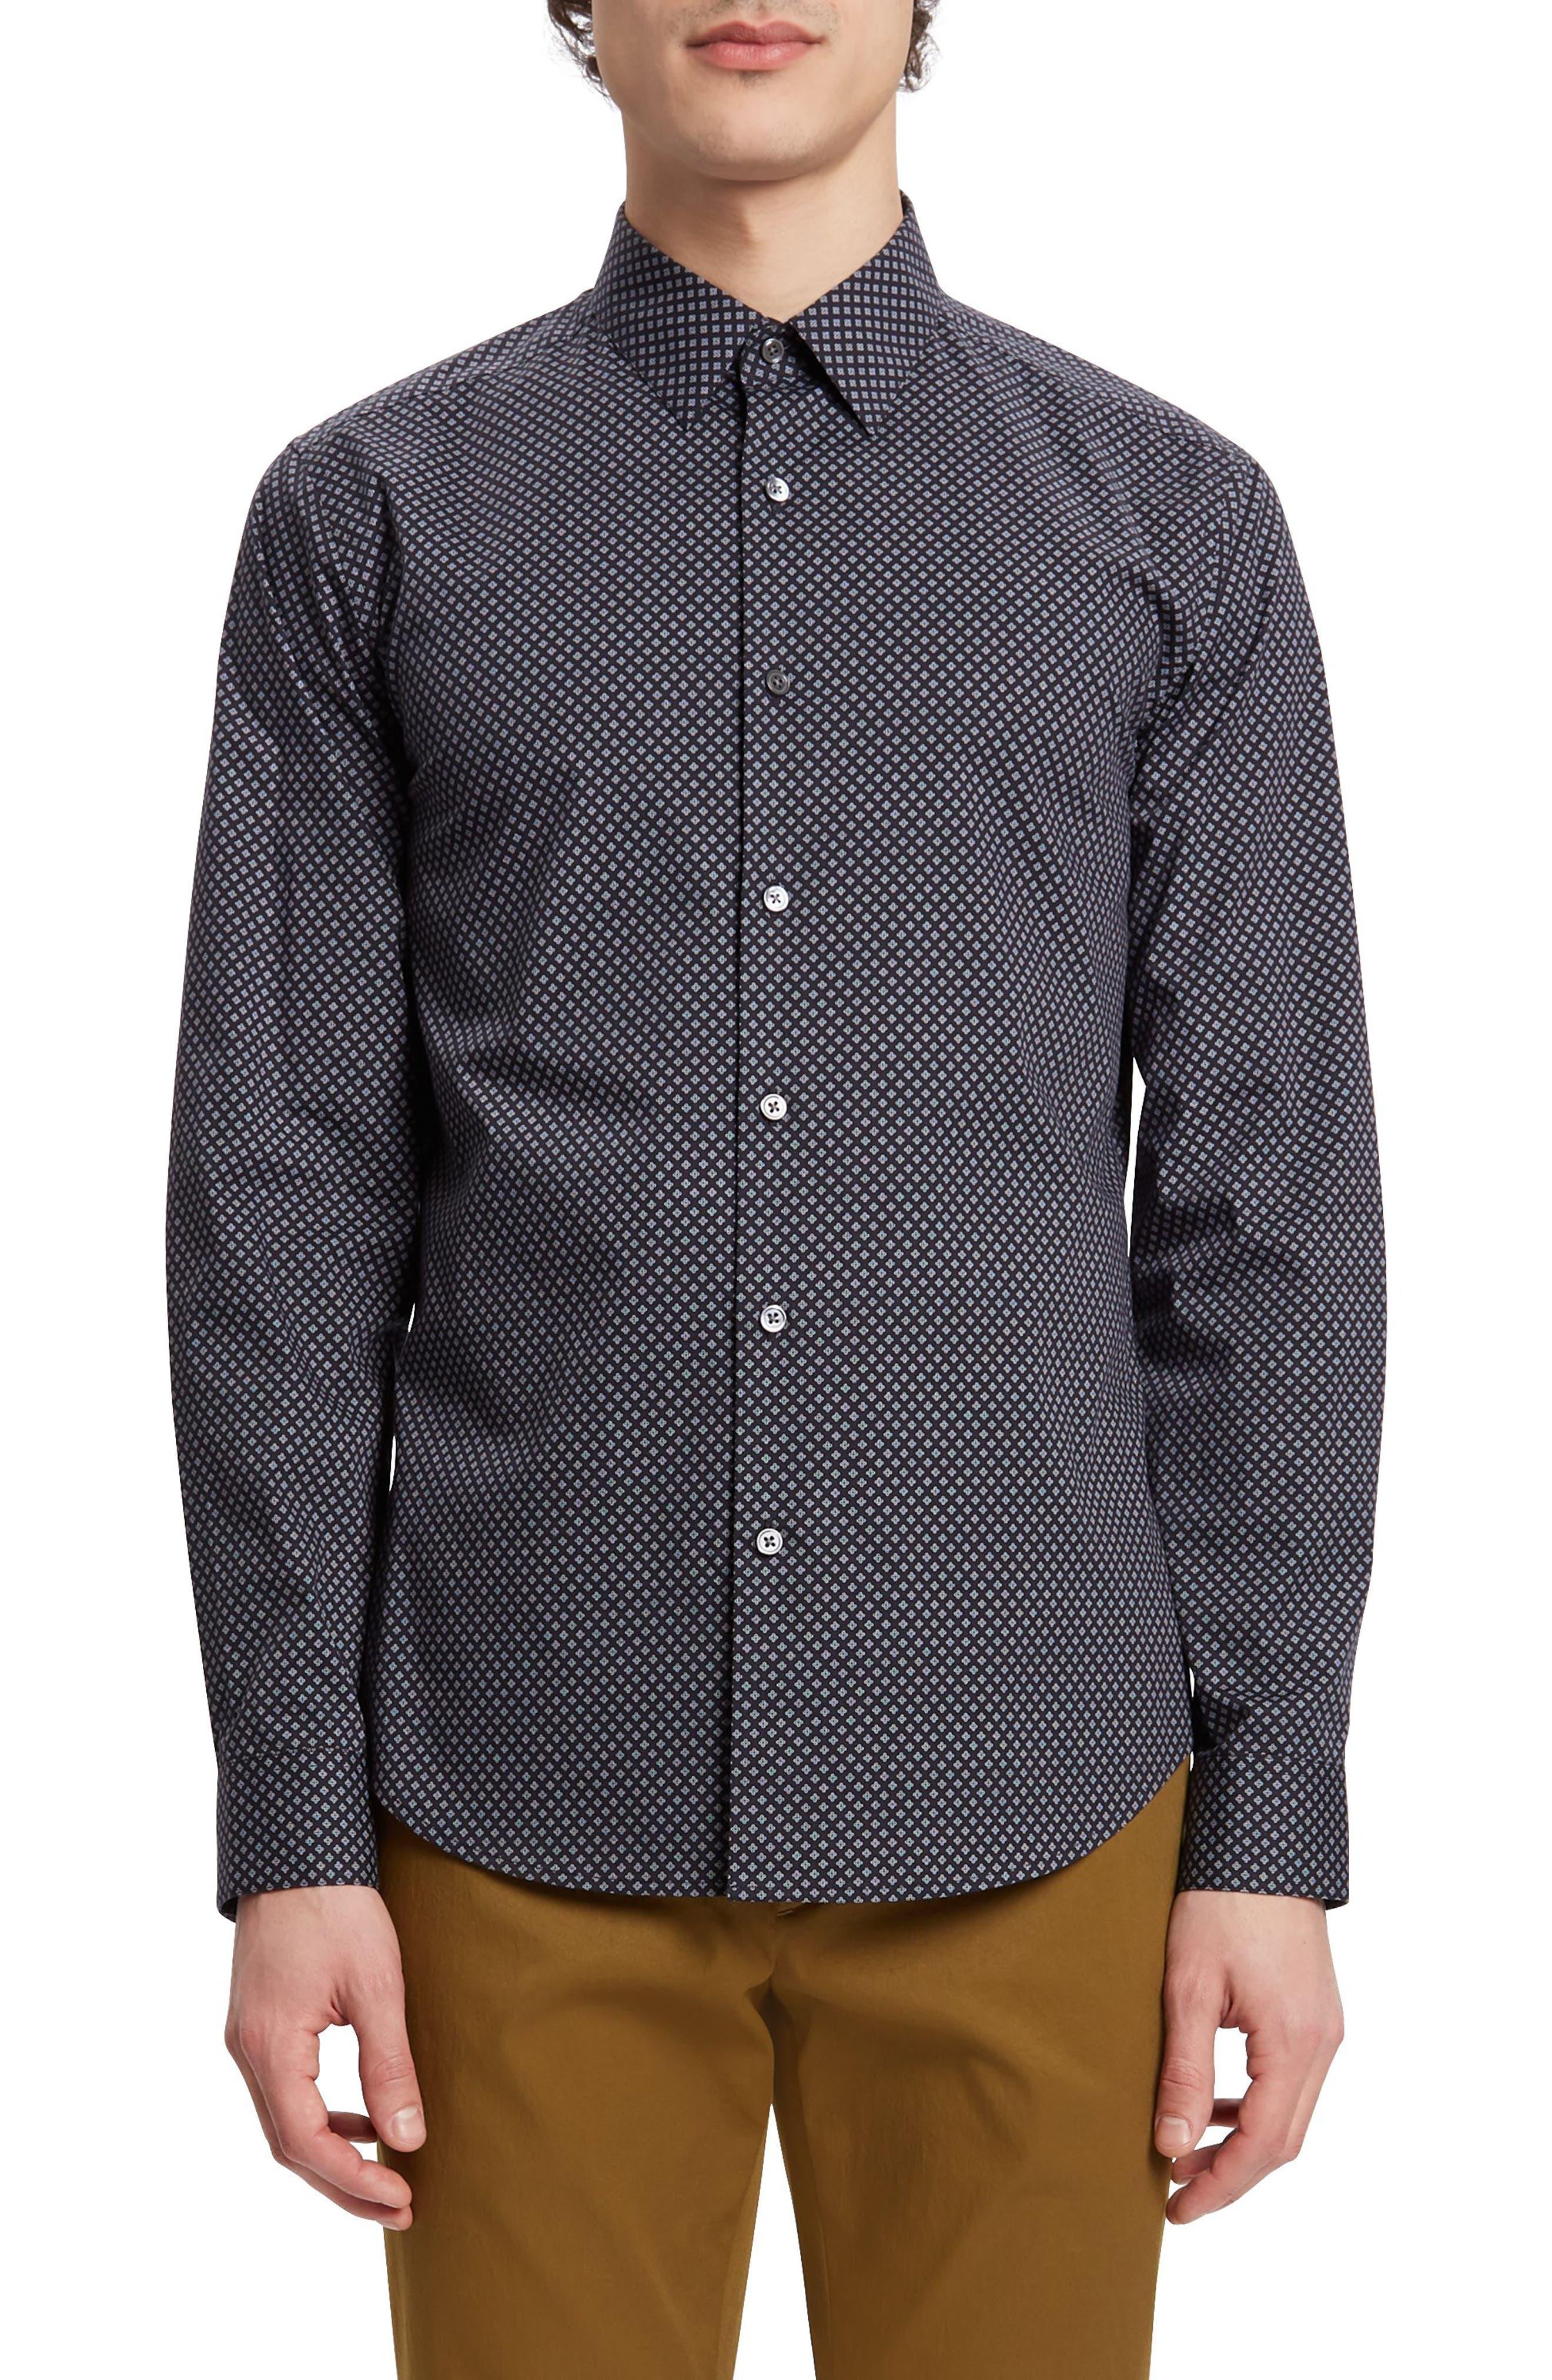 Sylvain Kessler Patterned Sport Shirt,                         Main,                         color, BLACK MULTI